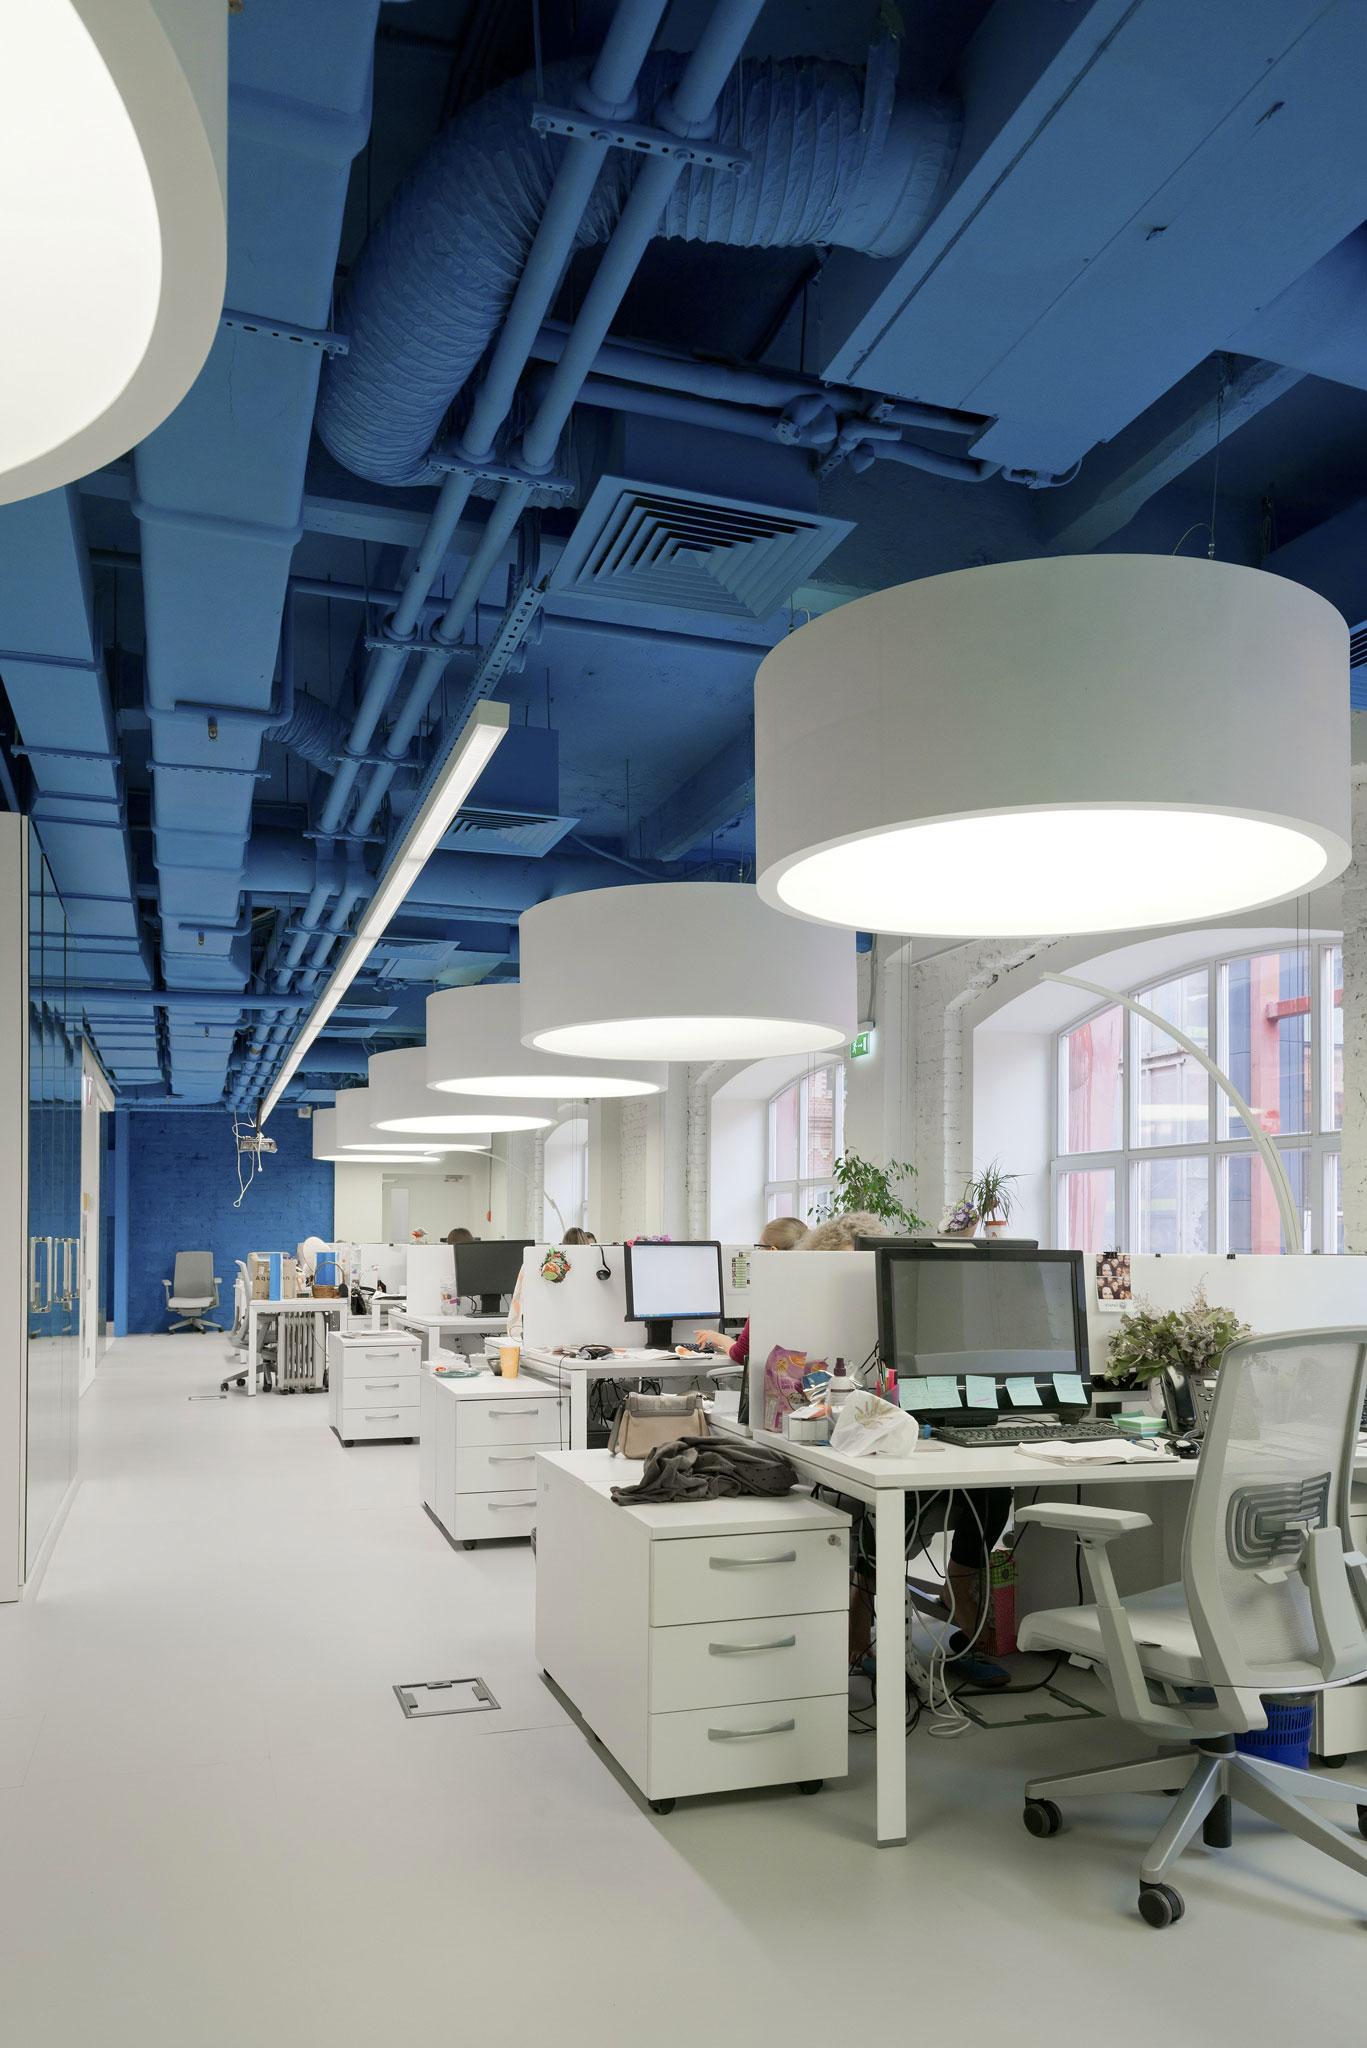 12 เทคนิคตกแต่งออฟฟิศเล็กให้ดูใหญ่ ถูกใจ SME และ home office 15 - Co-Working Space